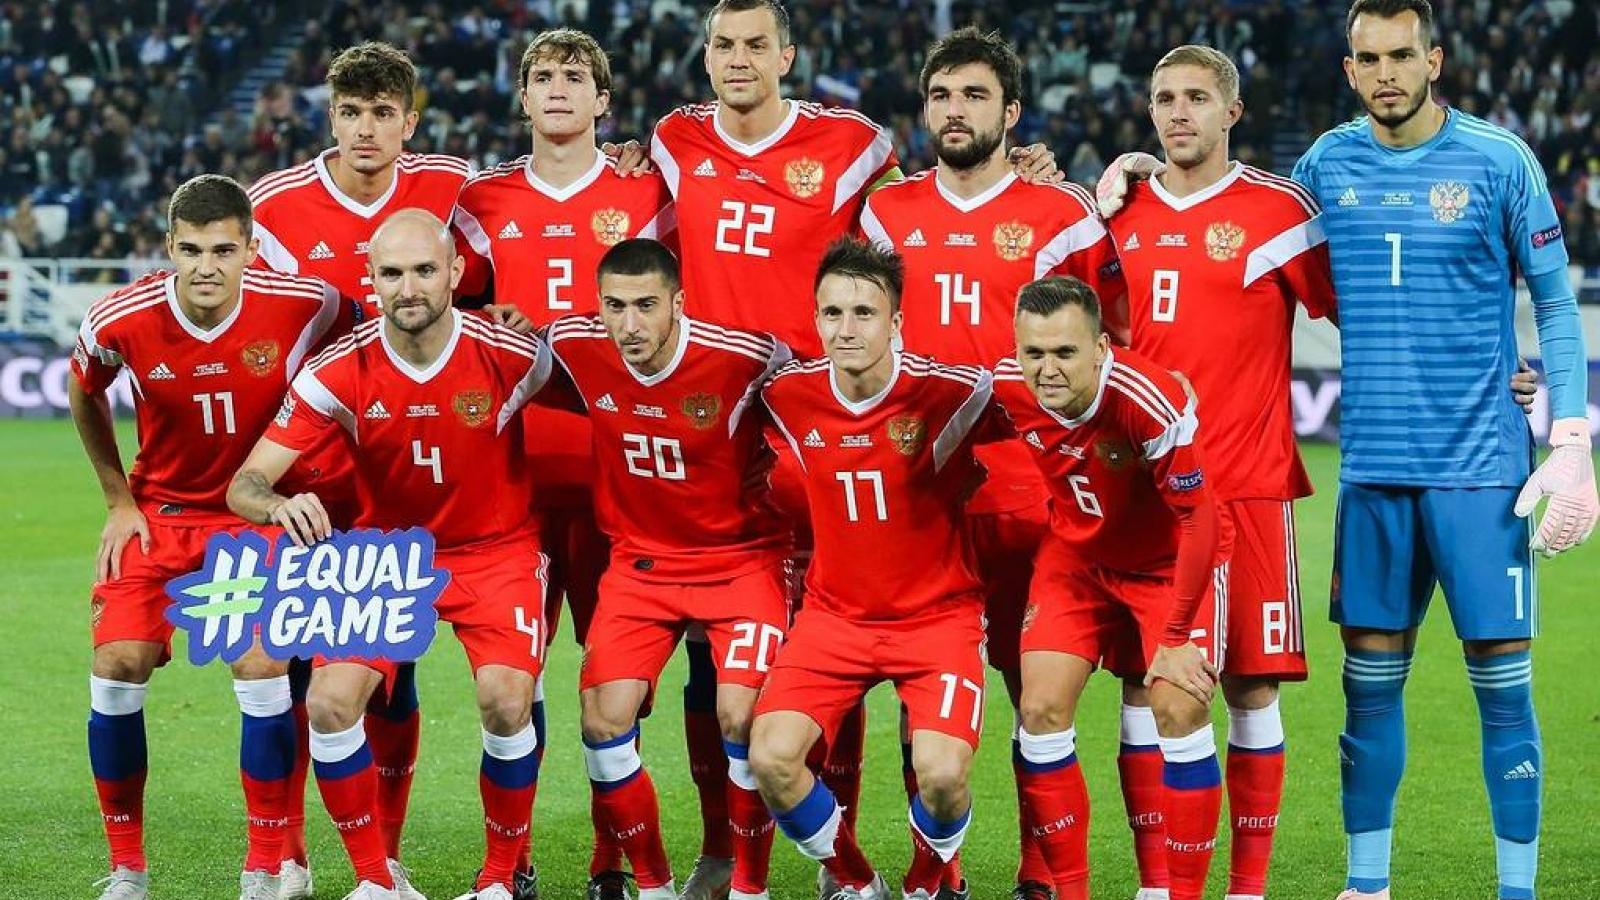 ĐT Nga chính thức bị cấm dự World Cup 2022